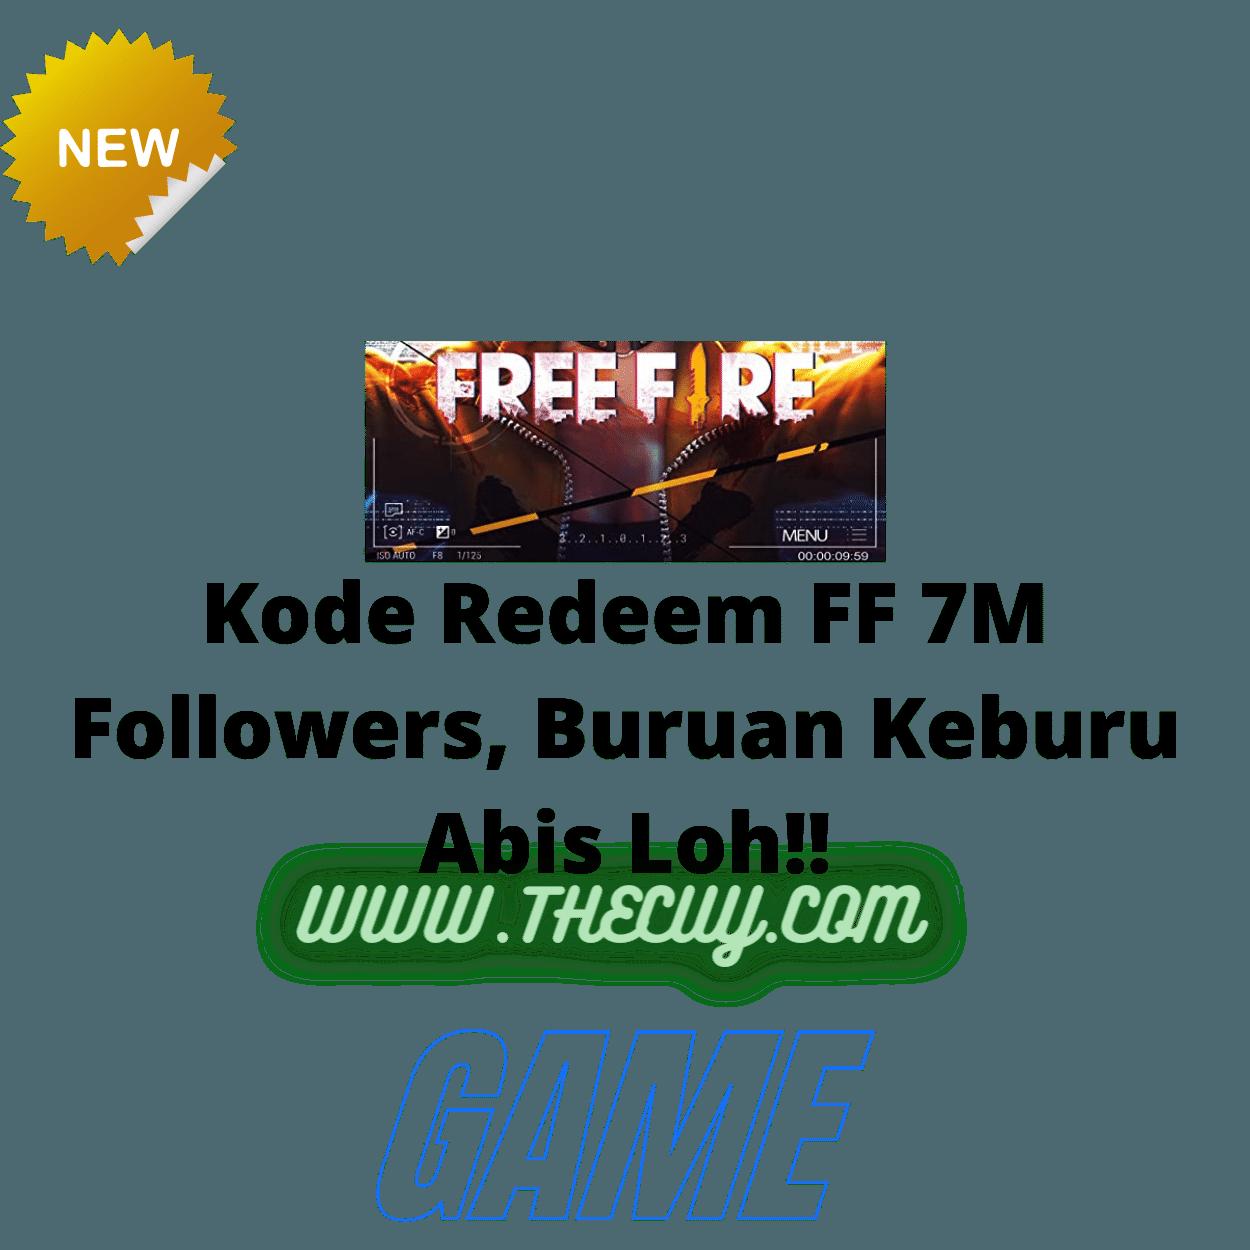 Kode Redeem FF 7M Followers, Buruan Keburu Abis Loh!!